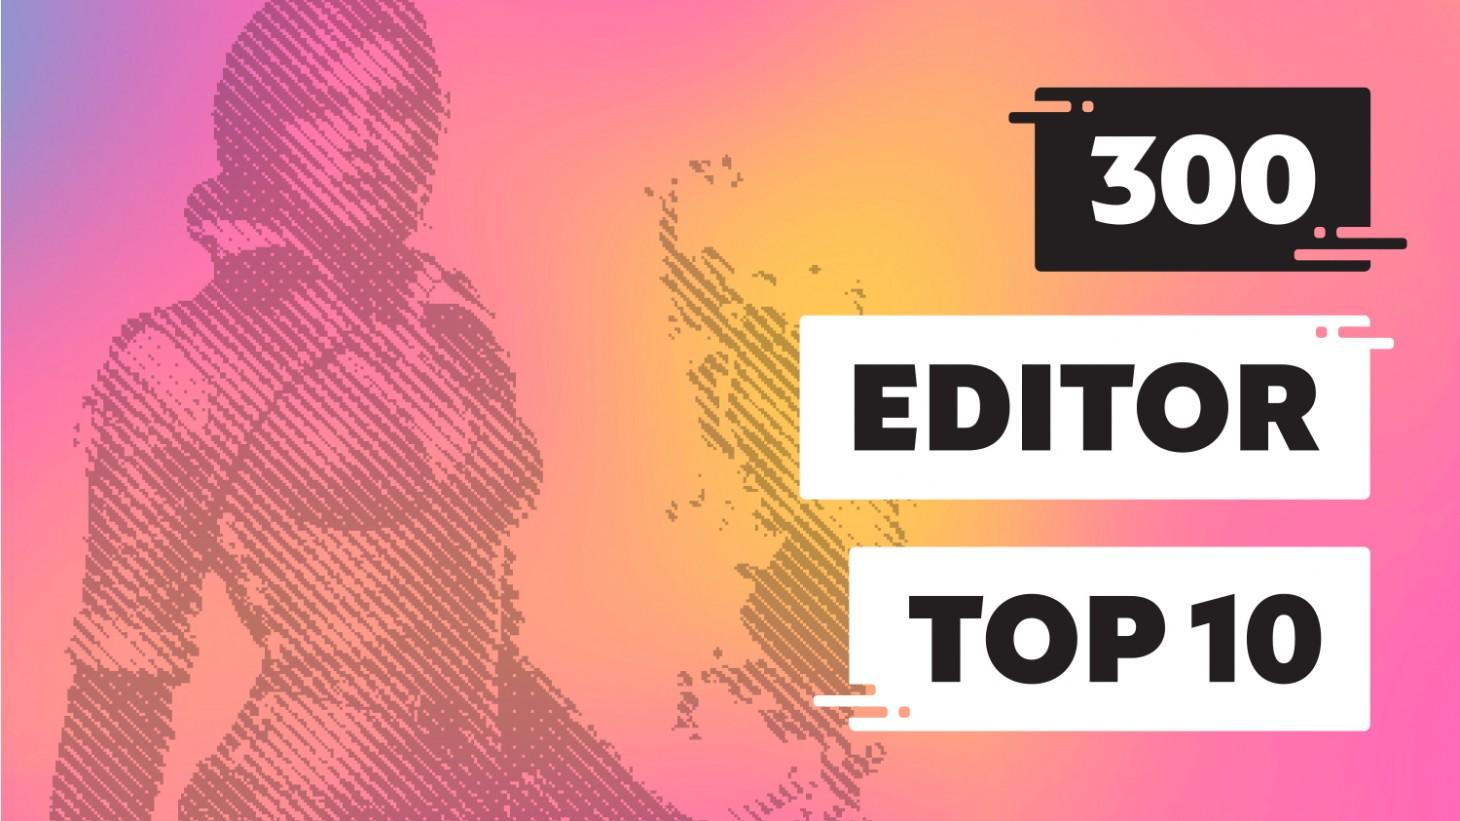 300 Editor Top 100